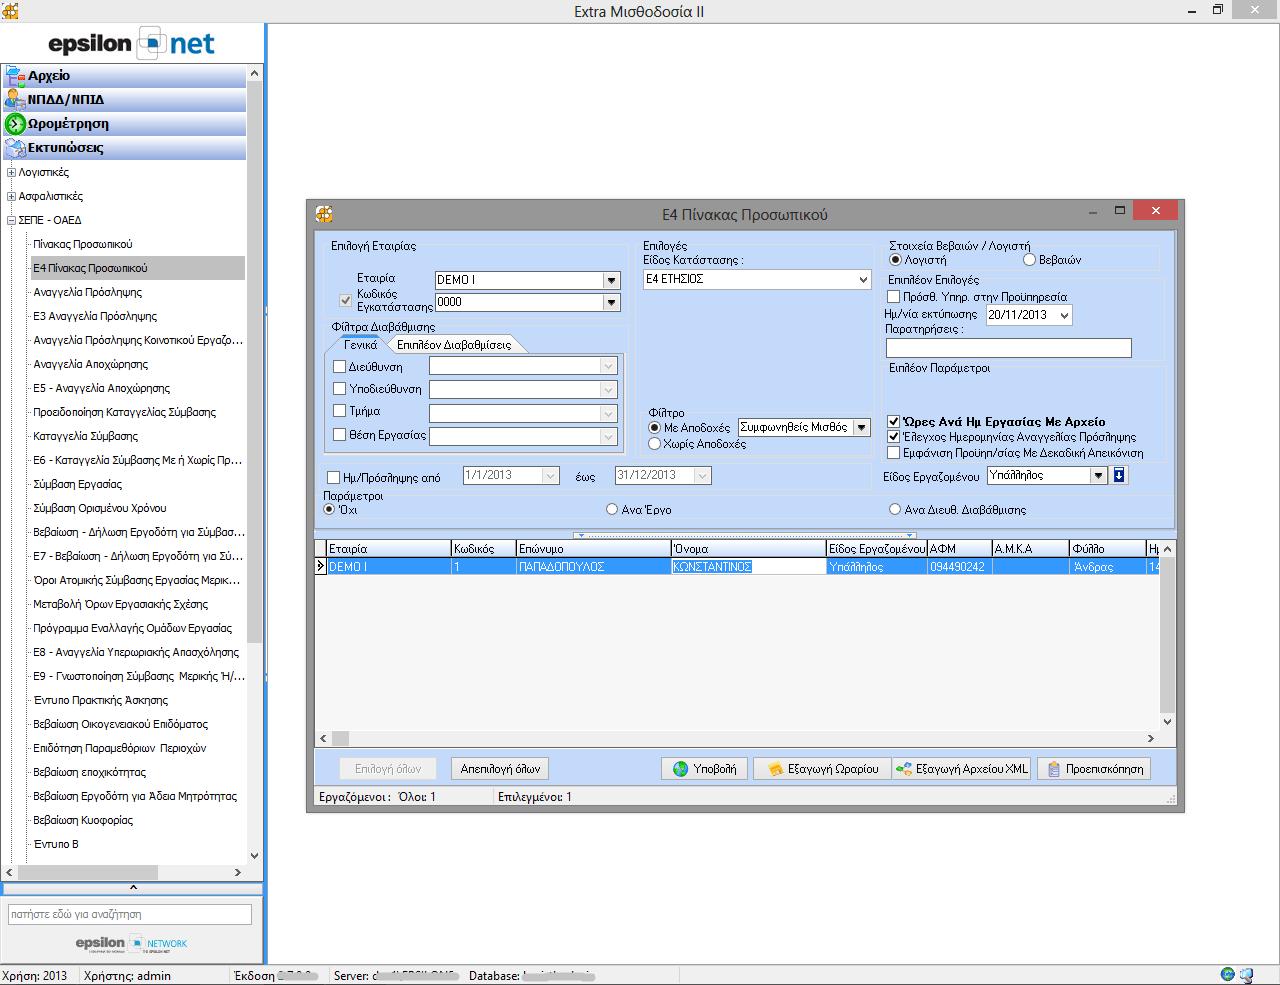 Πλήρης Διαχείριση εκτύπωσης «Πίνακα Προσωπικού» και αυτόματη υποβολή xml αρχείο